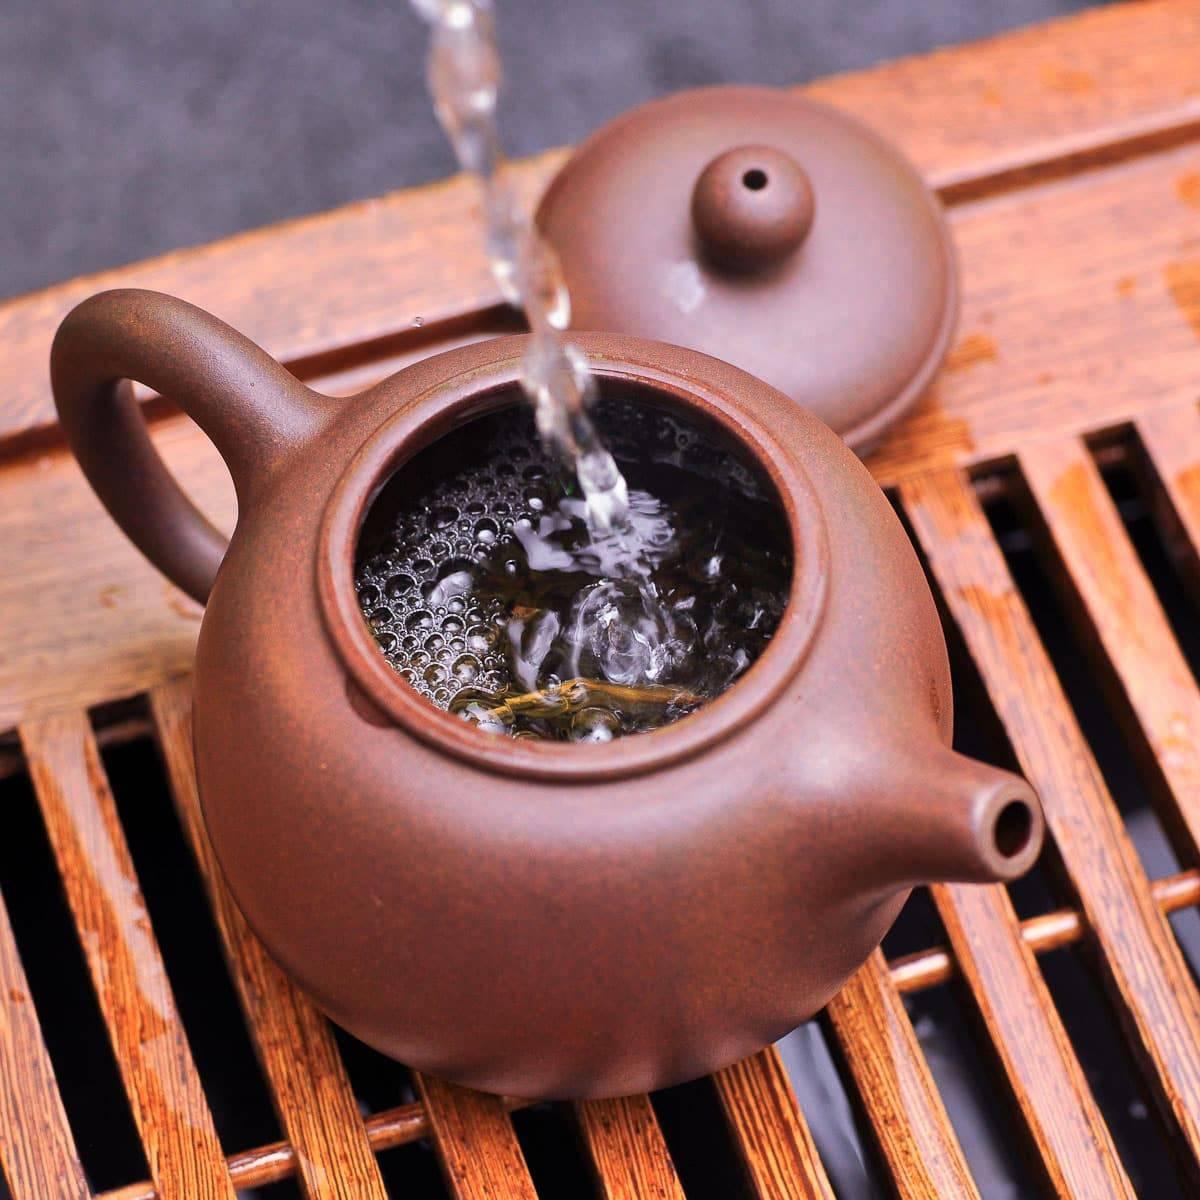 Завариваем идеальный чай: 5 простых шагов